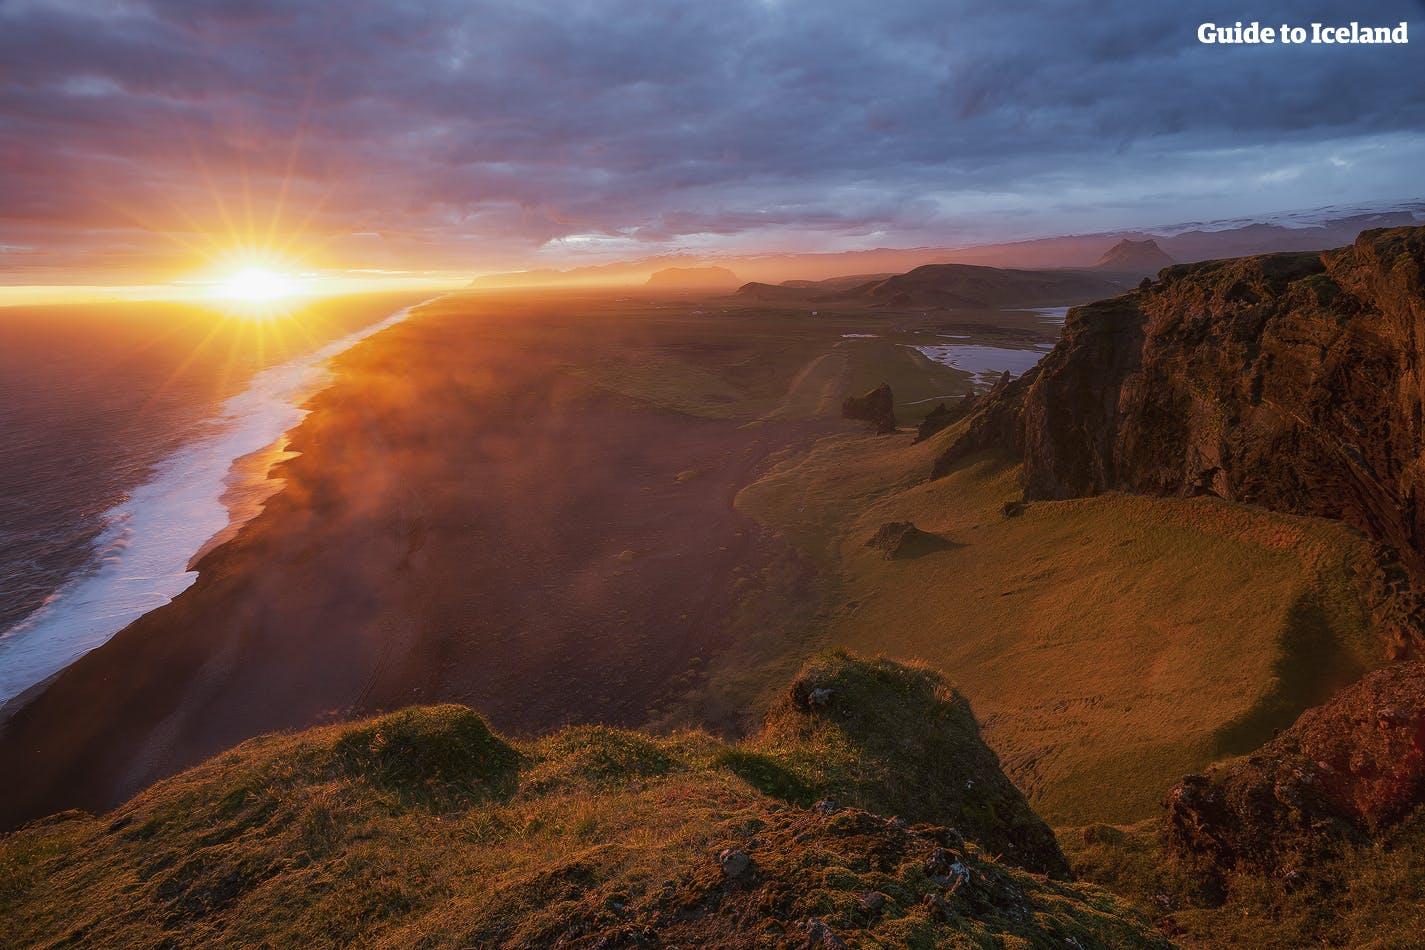 冰岛南岸黑沙滩